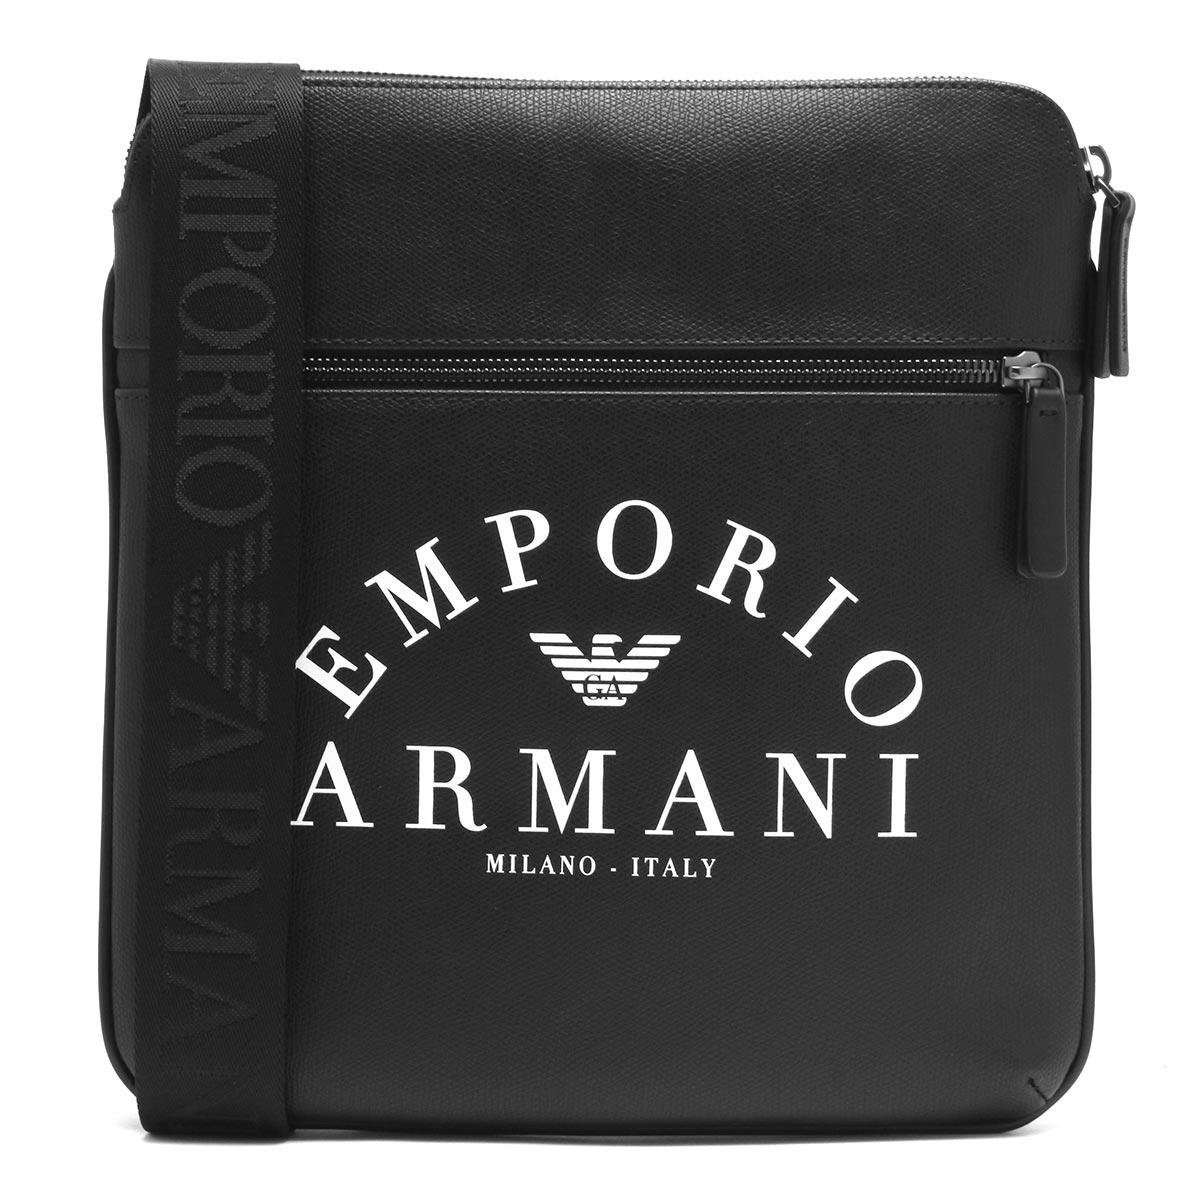 エンポリオアルマーニ ショルダーバッグ バッグ メンズ イーグルマーク ブラック Y4M184 YFE5J 83896 2019年秋冬新作 EMPORIO ARMANI